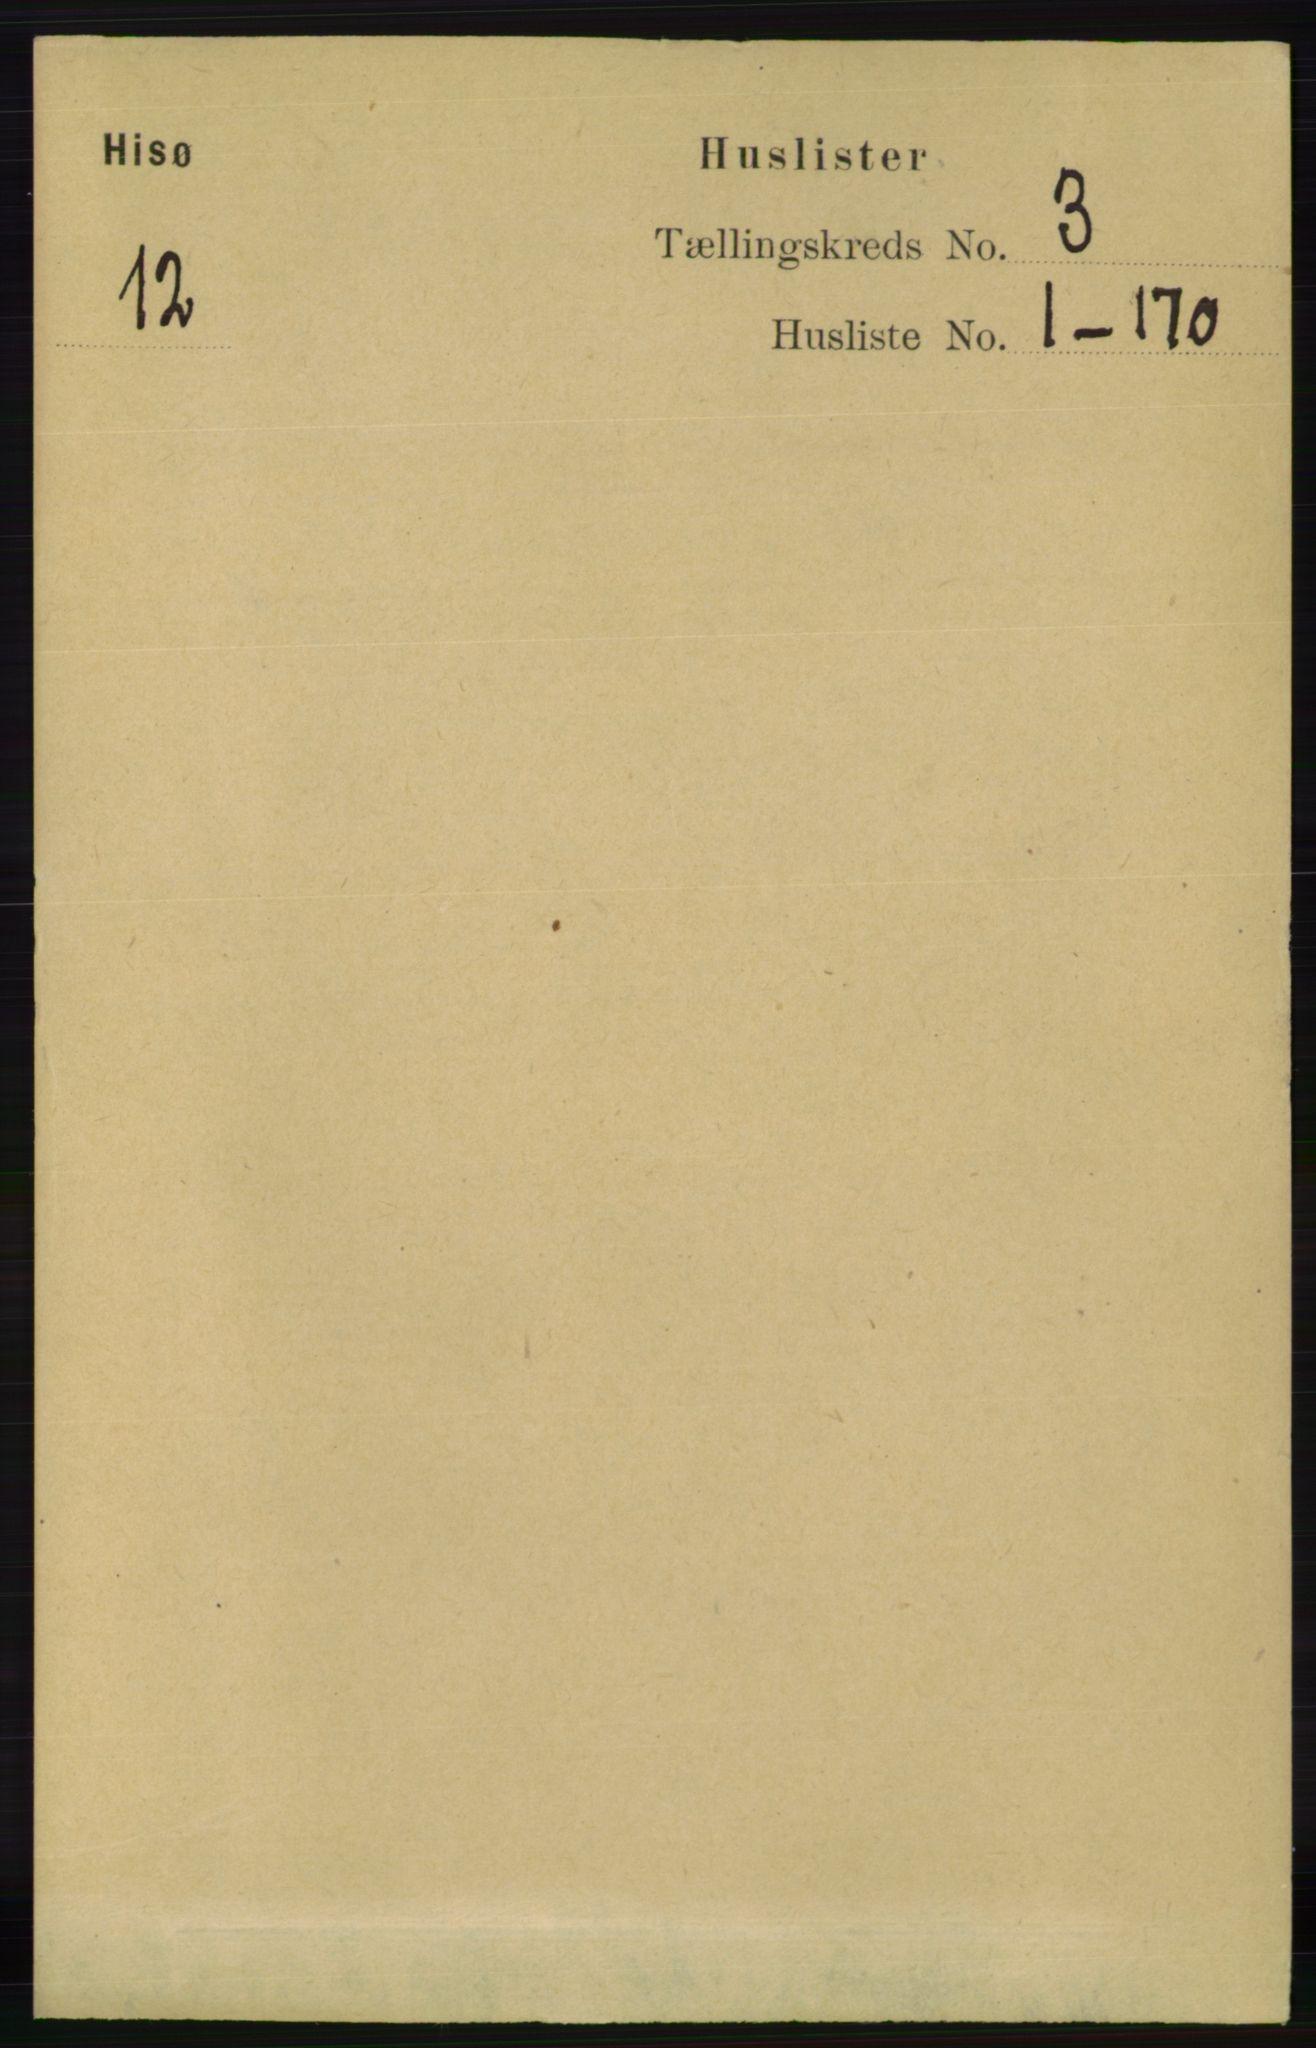 RA, Folketelling 1891 for 0922 Hisøy herred, 1891, s. 2077